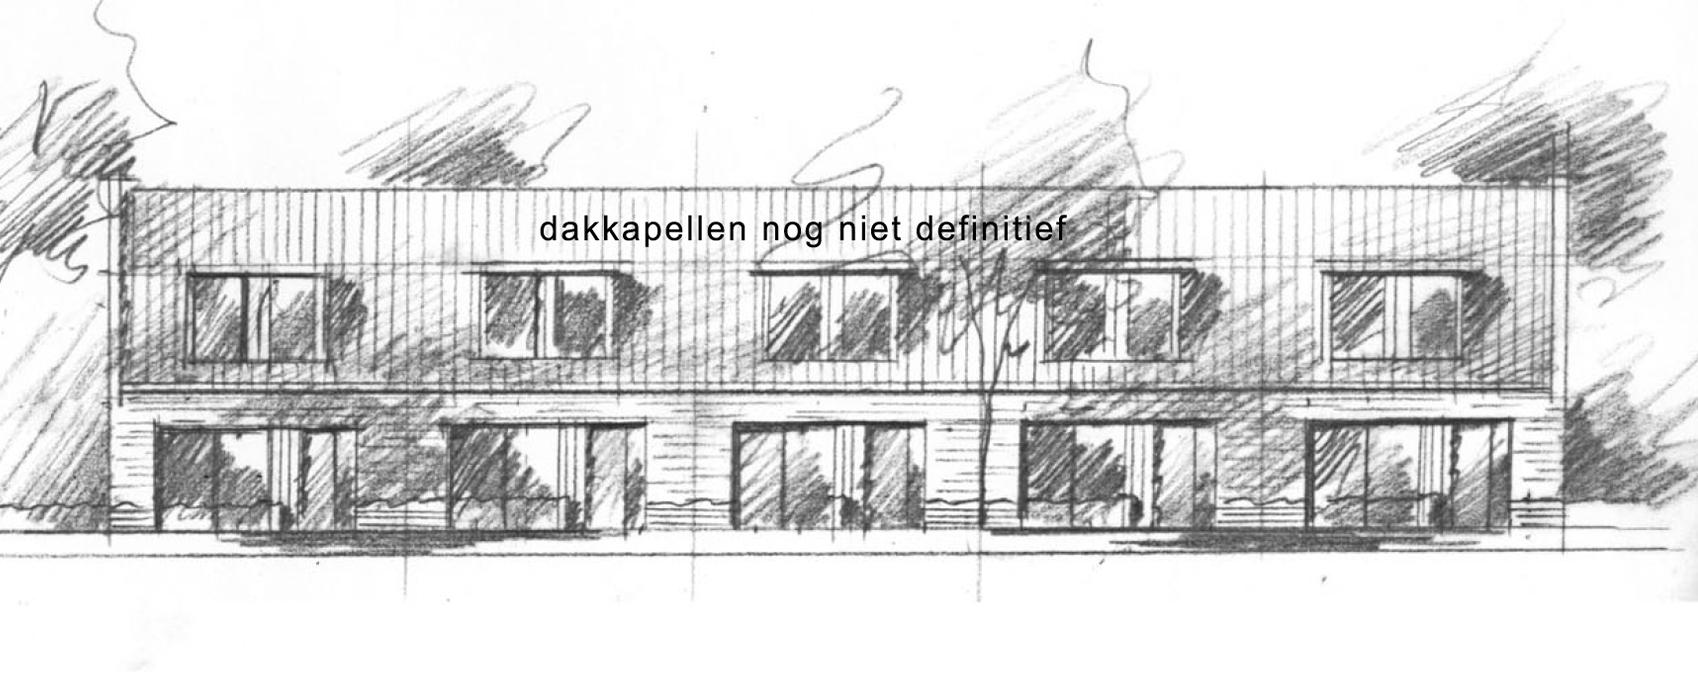 loofwoningen - De loofwoningen (Living On One Floor) hebben op de begane grond een volledig woonprogramma inclusief slaapkamer en badkamer. De schuine kap op de verdieping is voor de evt. extra slaap-/badkamers. De woningen hebben een oppervlakte van ca. 114 m2 GBO.